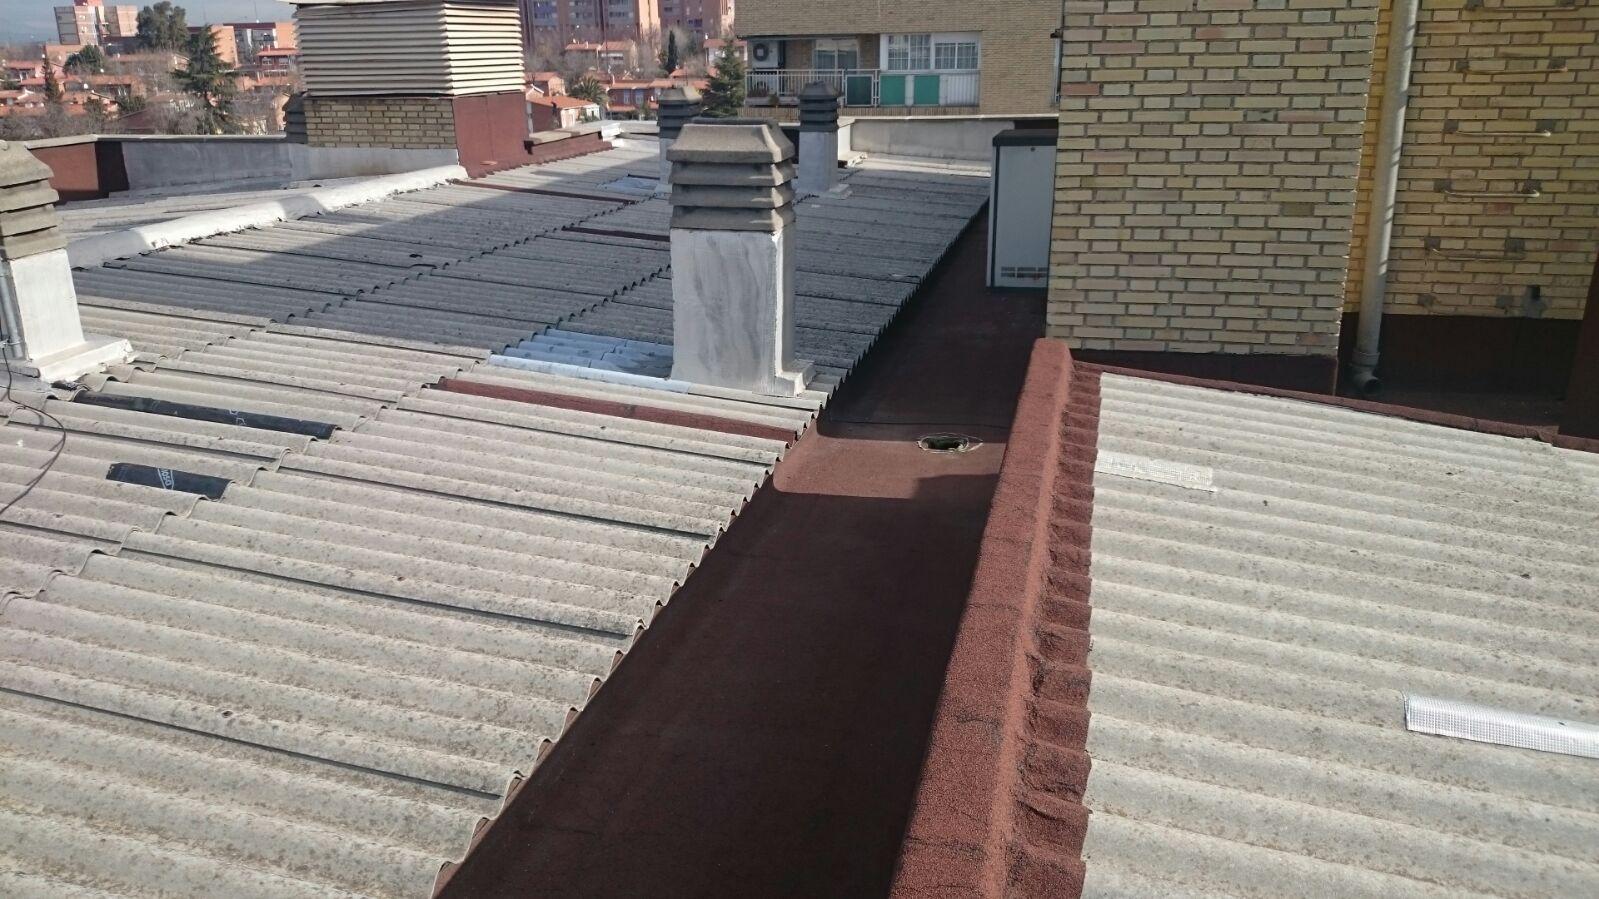 Foto 15 de Cubiertas y tejados en Leganés | Cubiertas Imperdur, S.L.